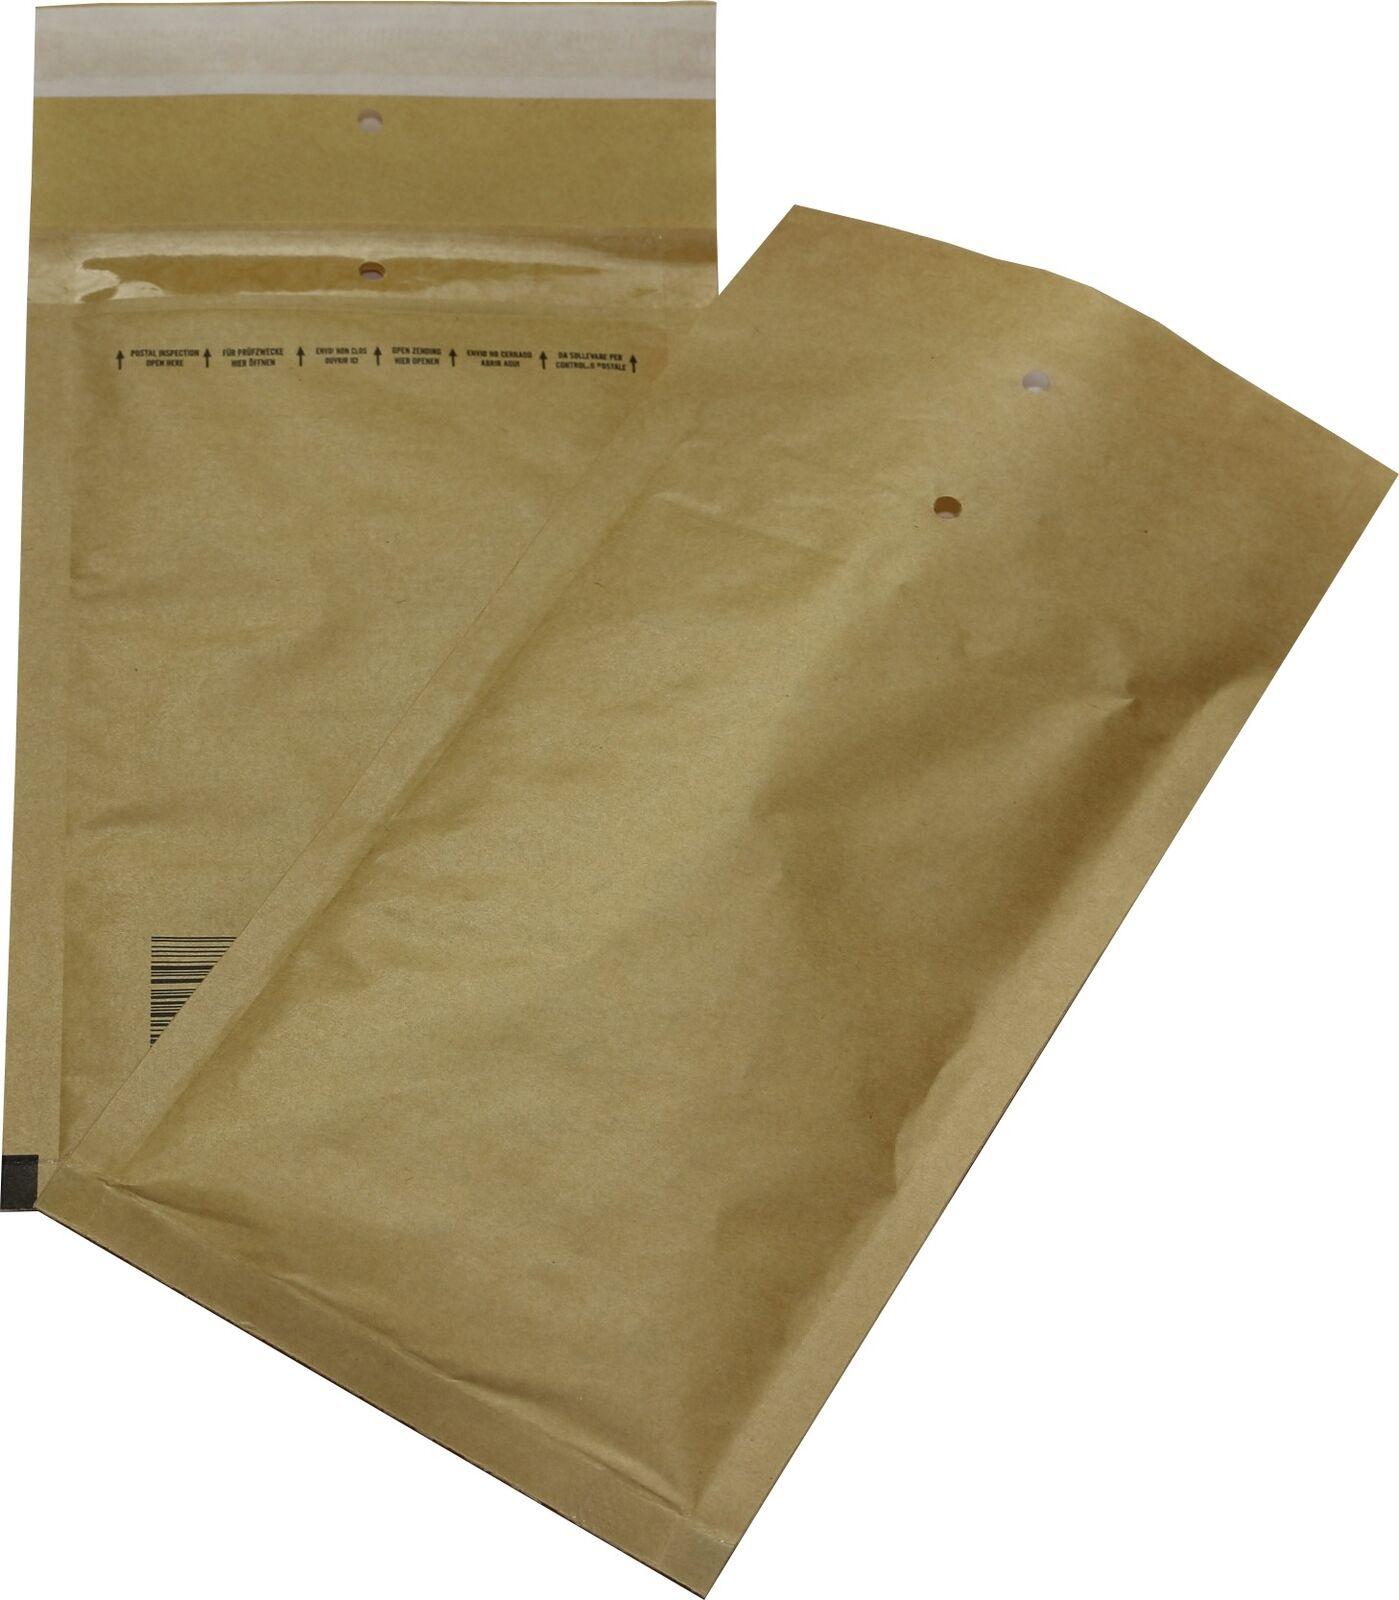 1800 ST bulles d'air poches T 2 B 140x225 Marron 140x225 B Enveloppes DIN a6+ c6 5a1aef